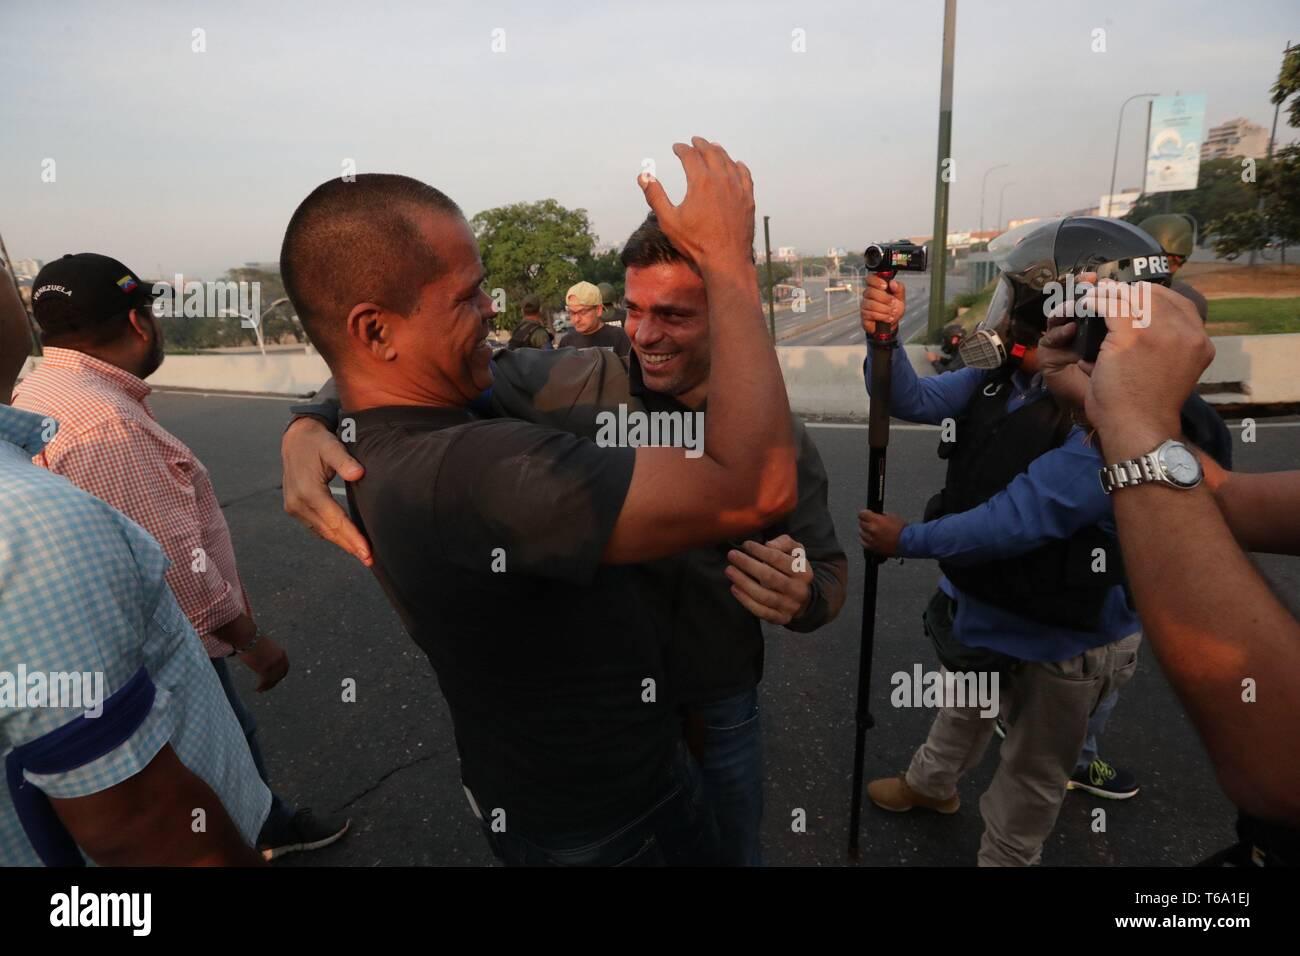 Caracas, Venezuela. 30 apr, 2019. Oppositore venezuelano Leopoldo Lopez (C-R) abbraccia un sostenitore dopo essere stato liberato dalla sua casa a Caracas, Venezuela, 30 aprile 2019. Lopez, che era agli arresti domiciliari, è stata rilasciata la mattina presto il 30 aprile da un movimento di opposizione. Credito: Rayneri Pena/EFE/Alamy Live News Immagini Stock